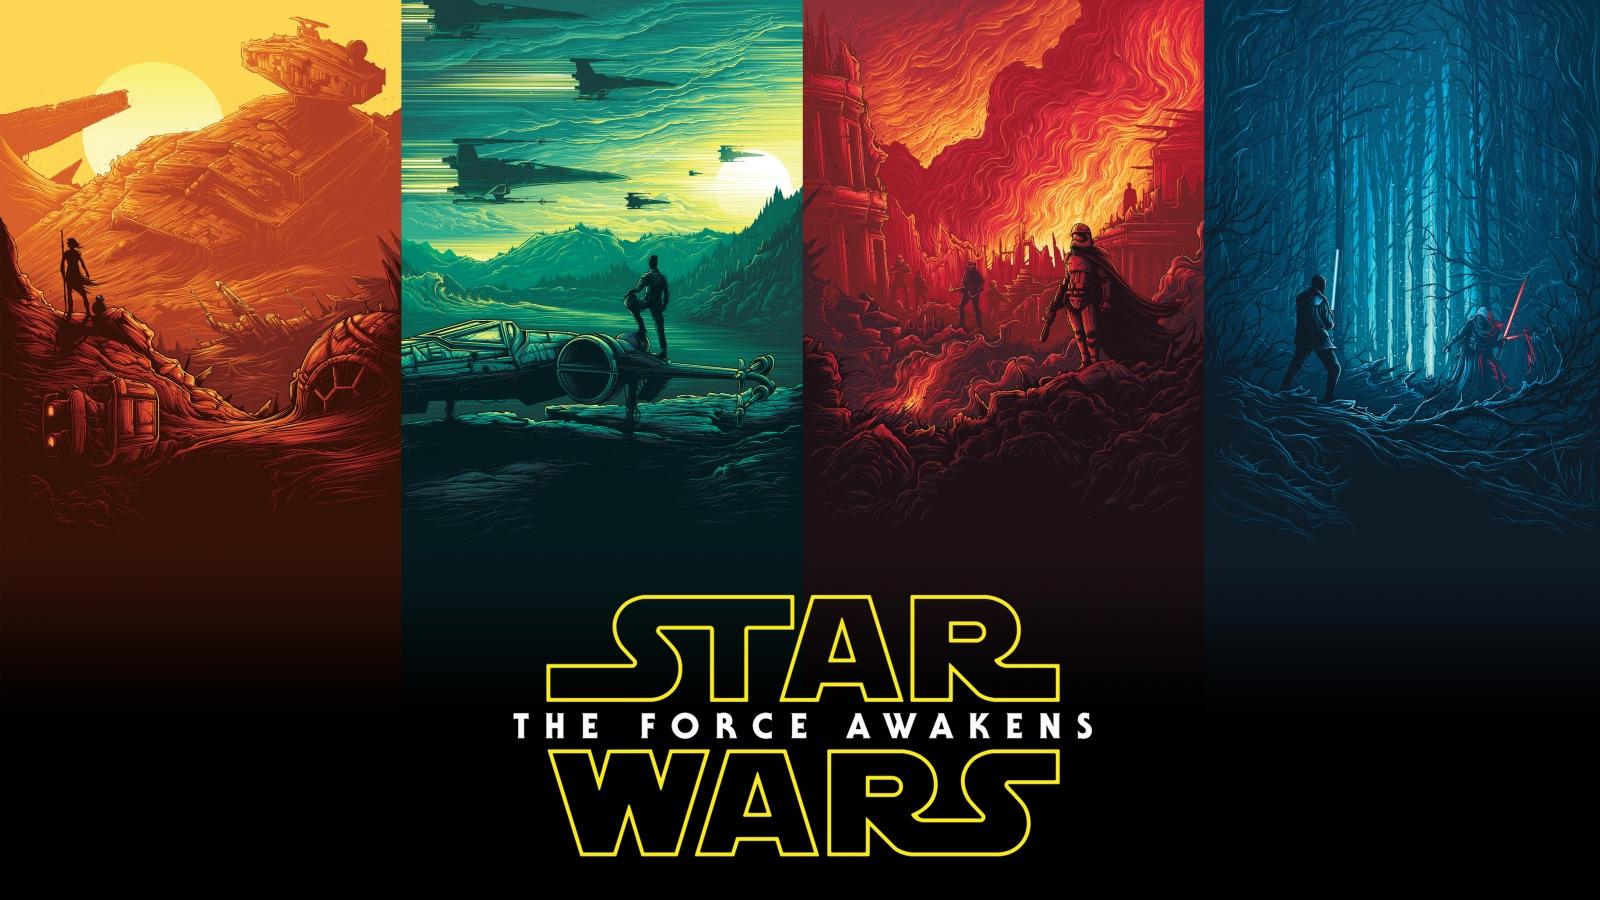 Kylo Ren Han Solo Luke Skywalker Star Wars Wallpapers HD Wallpapers 1600x900